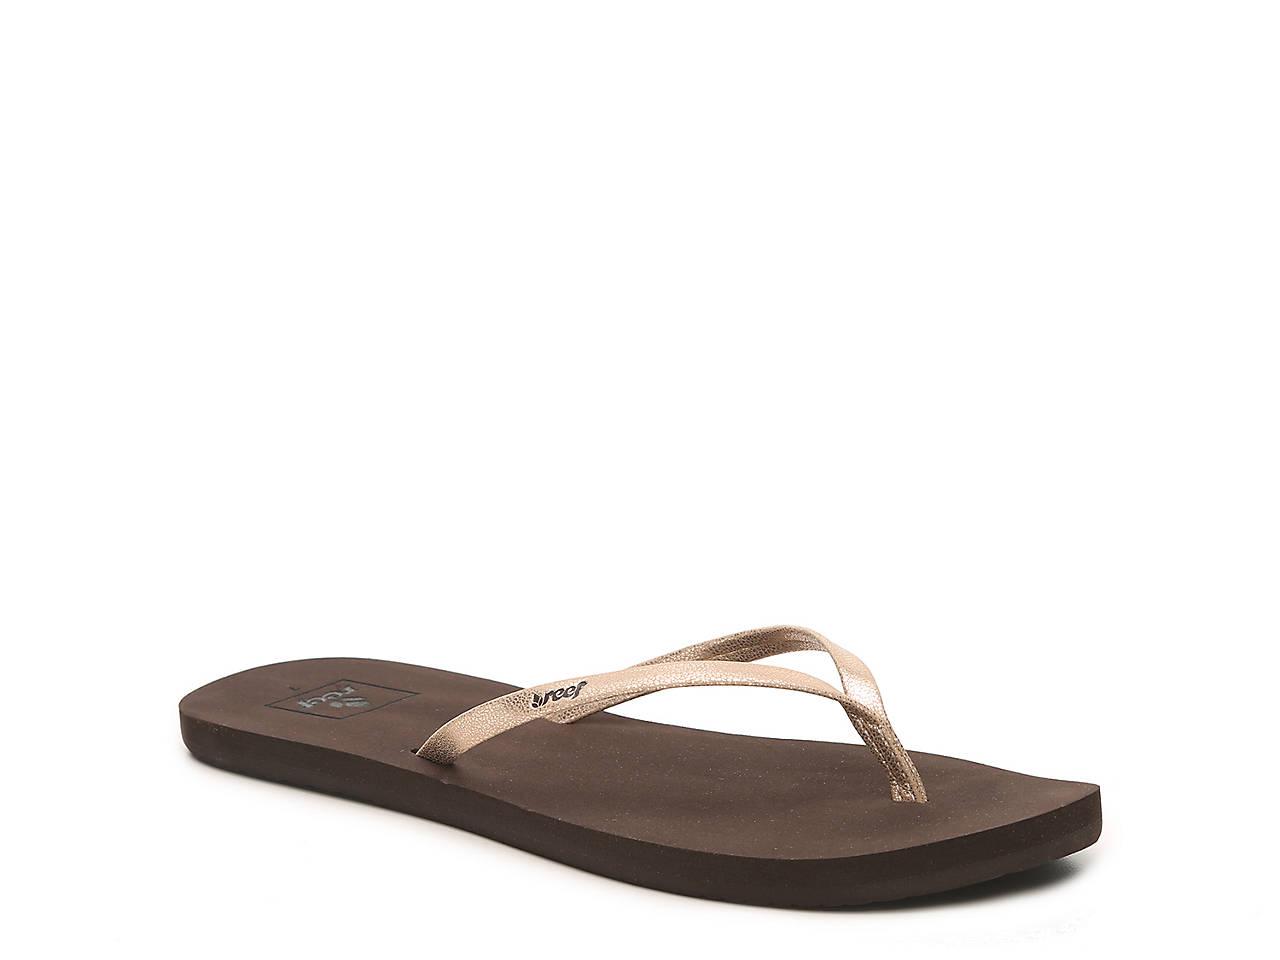 862799a2f Reef Bliss Nights Flip Flop Women's Shoes | DSW